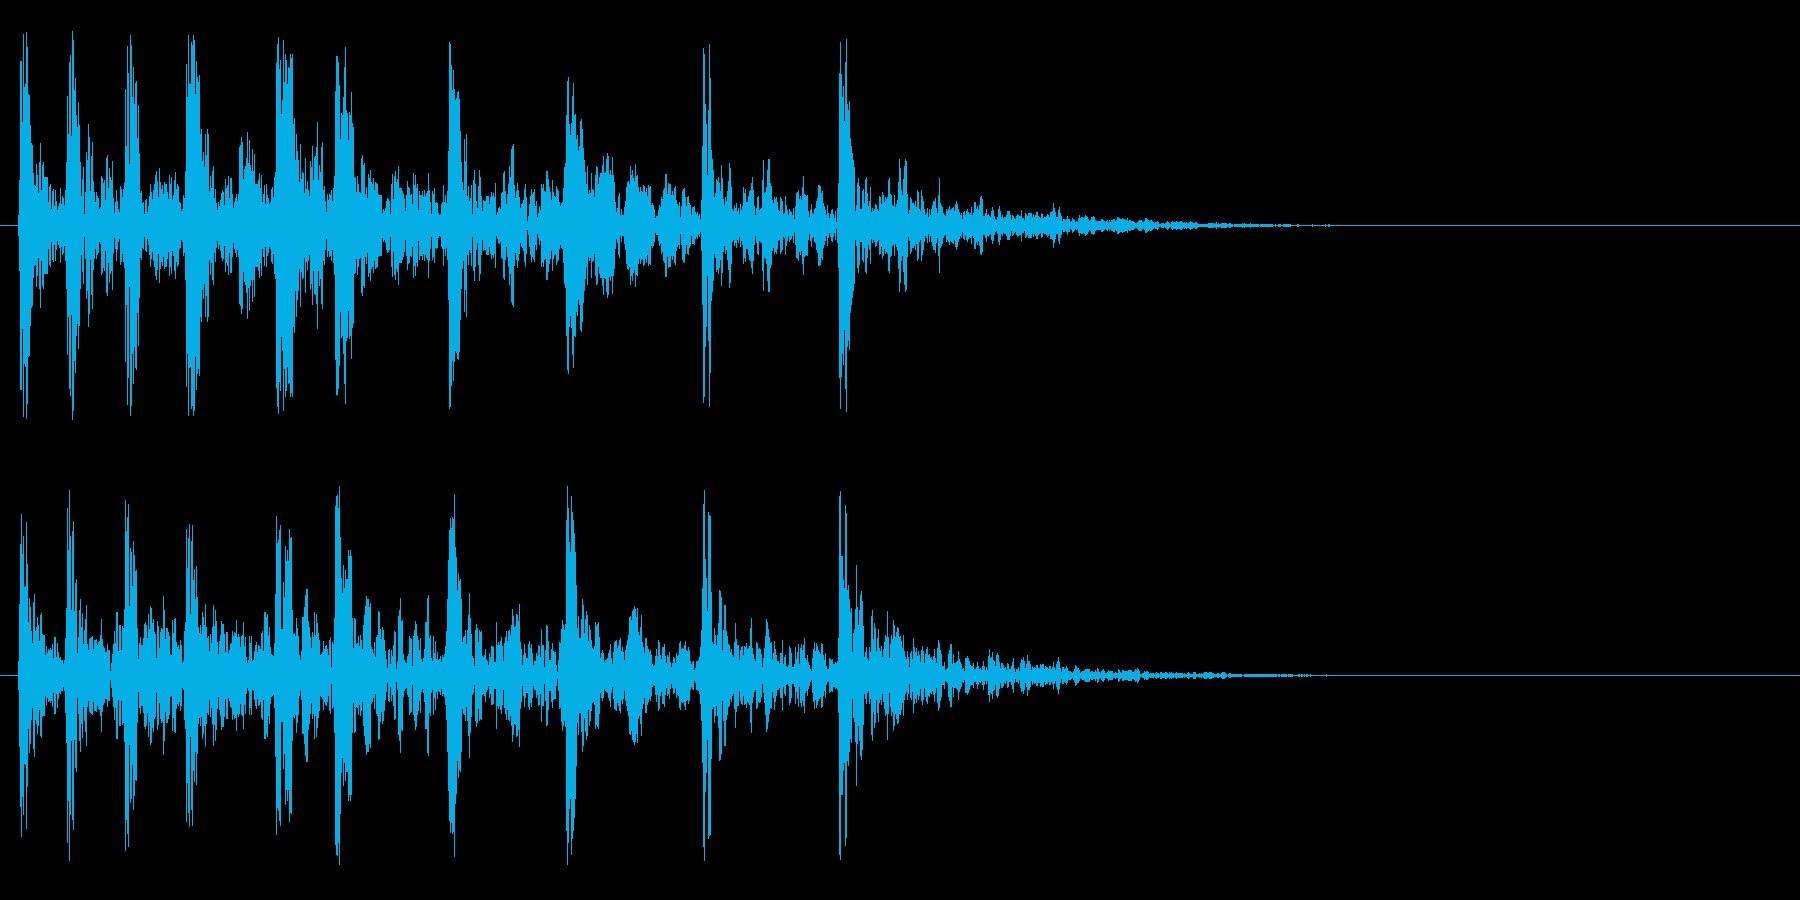 ティト、トト、トト、ト、ト、ト、ンの再生済みの波形